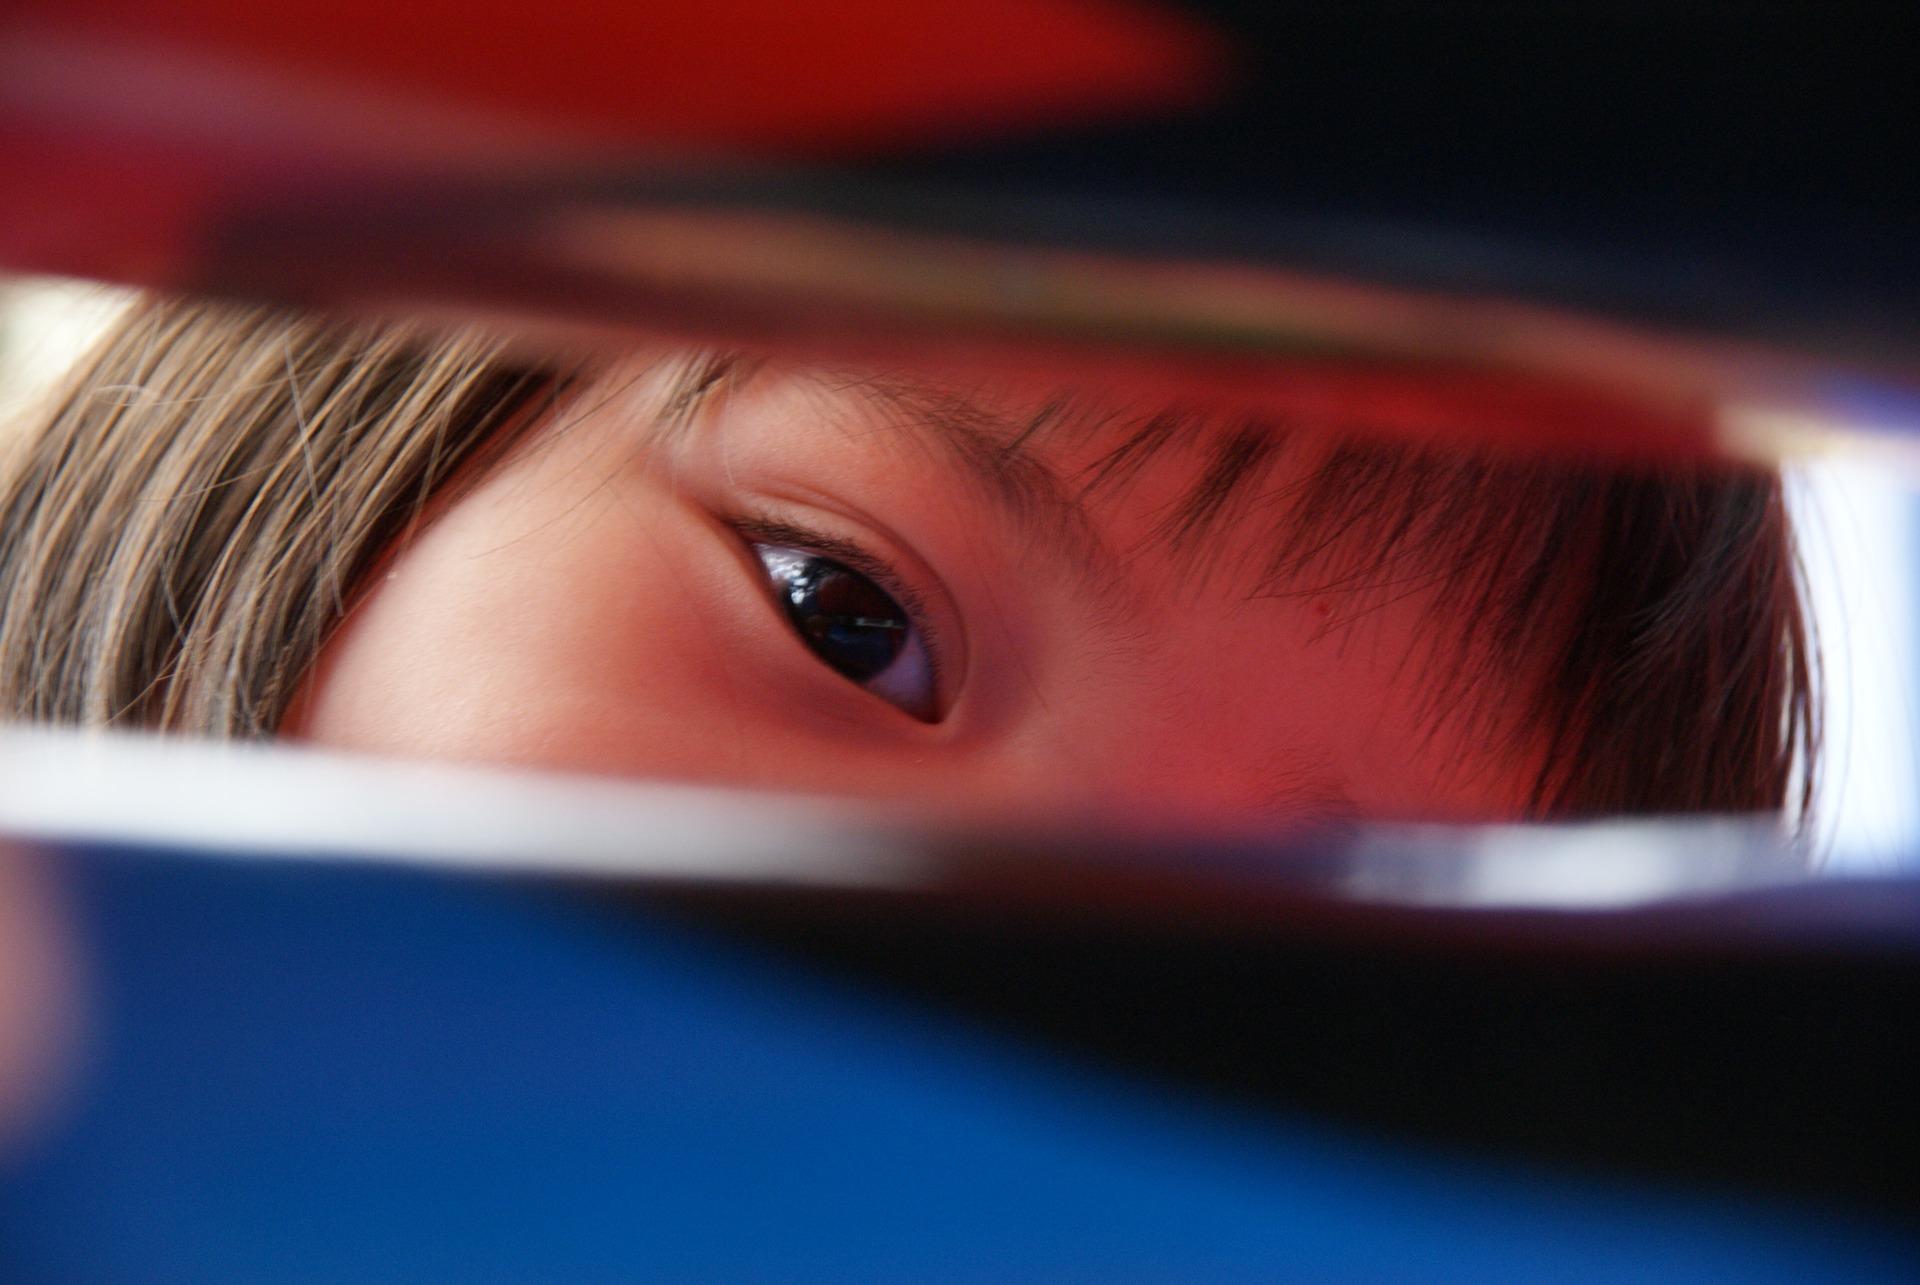 keskeny pupilla látásélessége